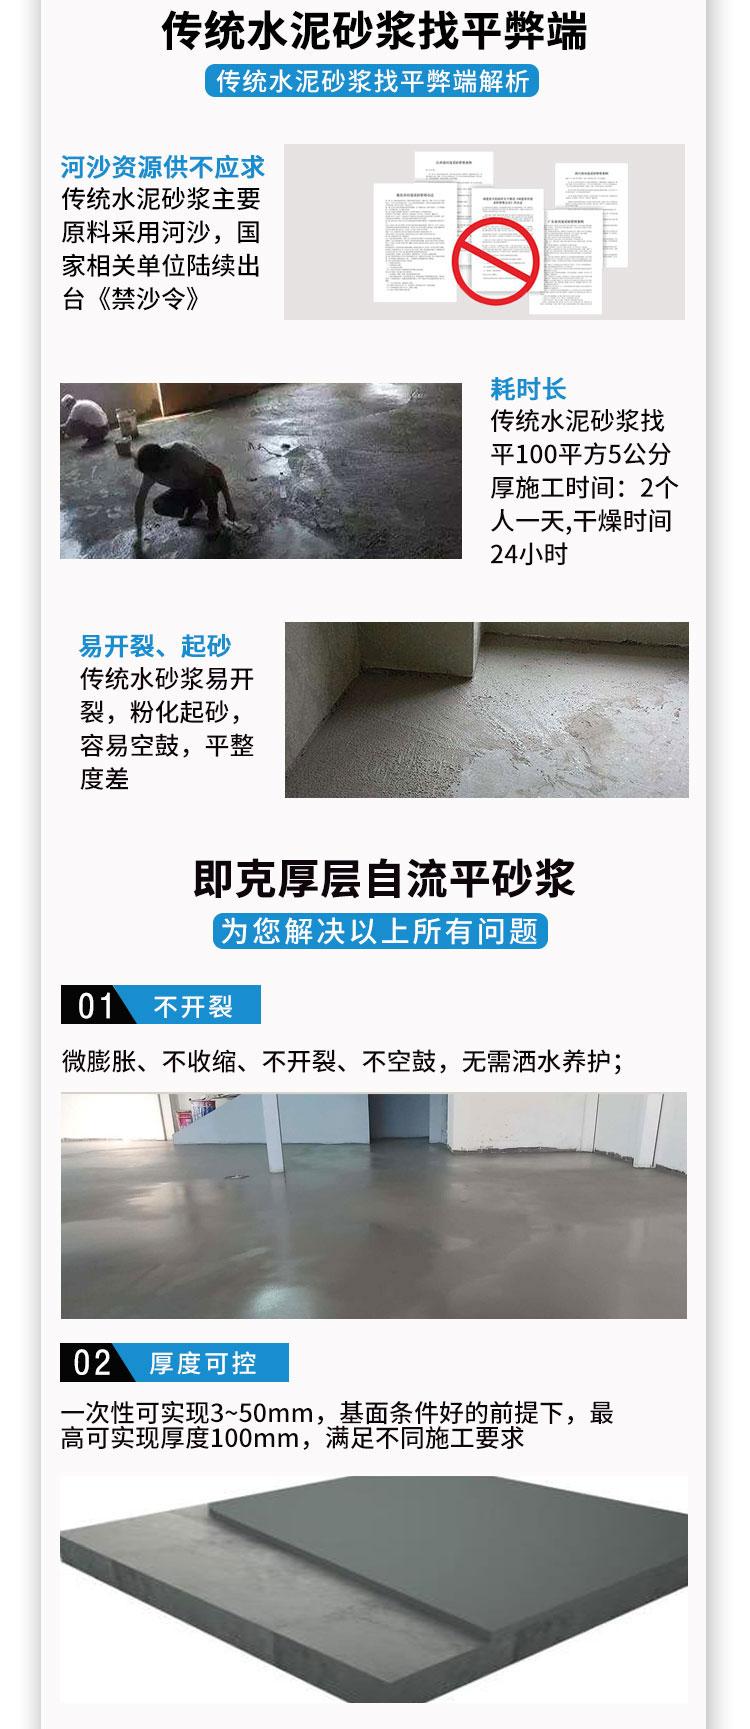 【即克®】厚层自流平砂浆